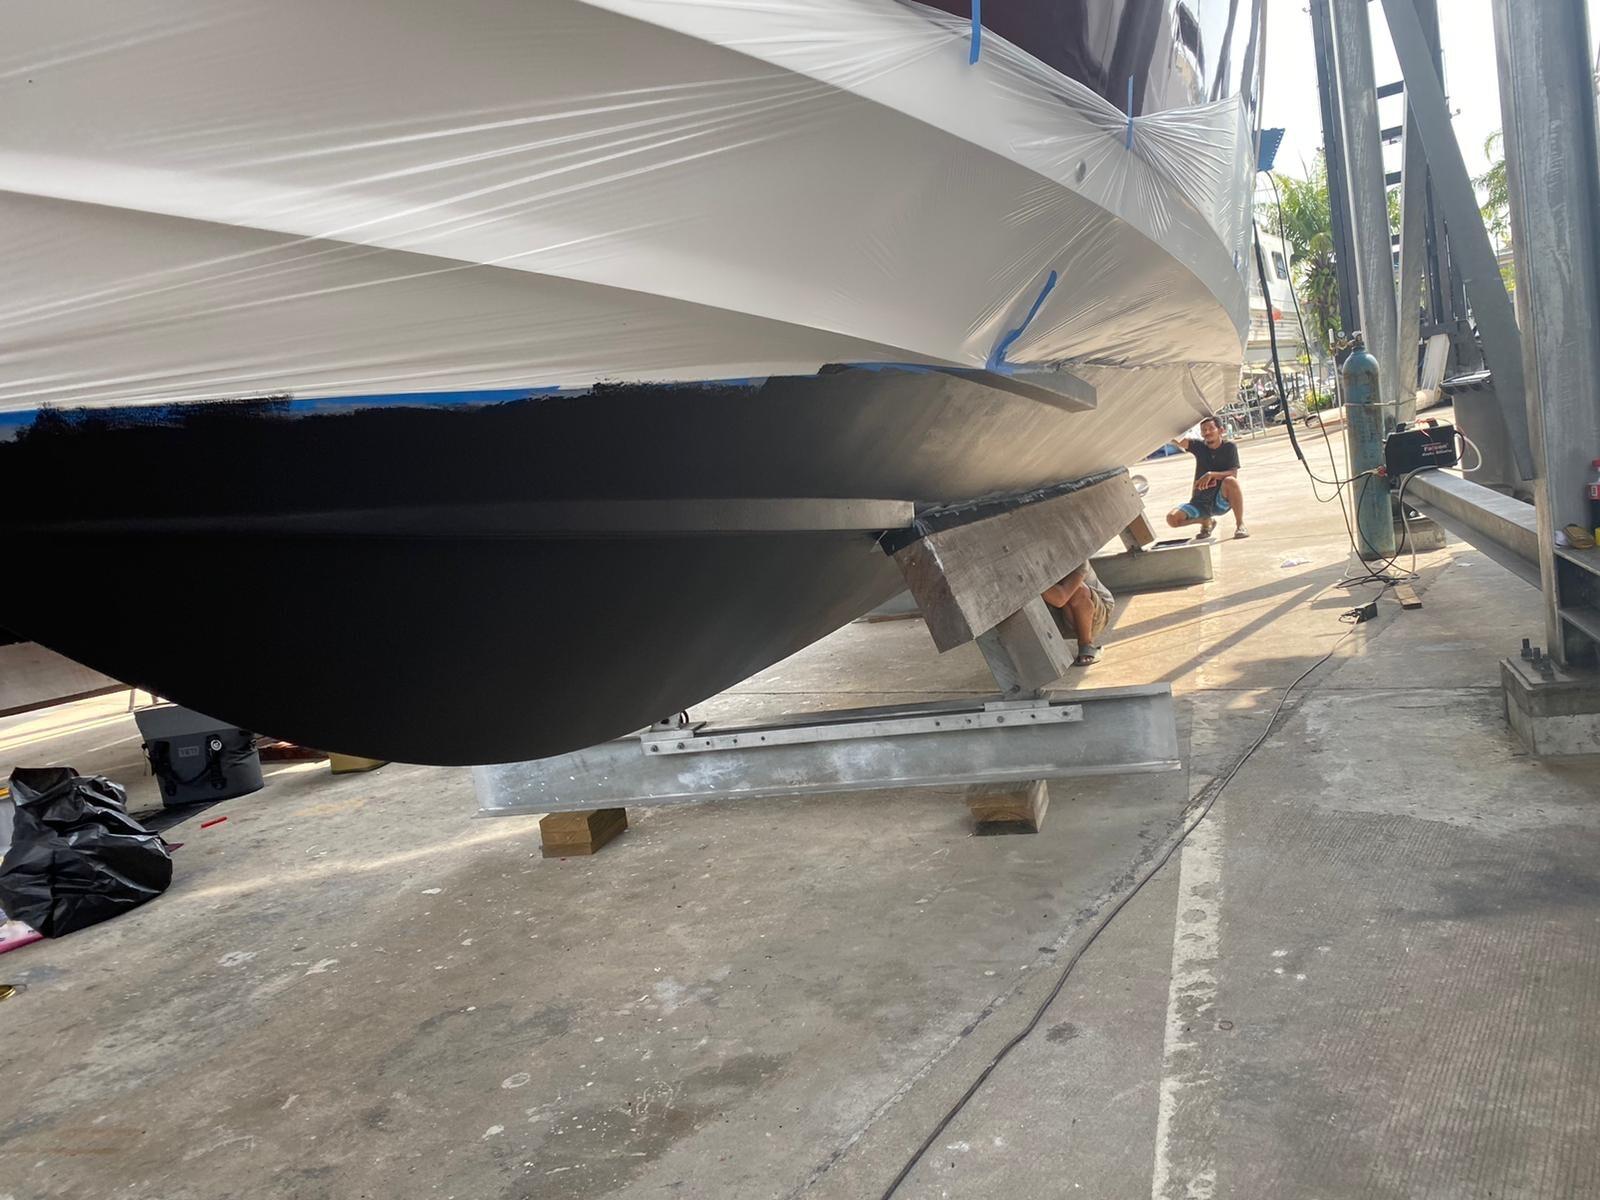 Raptor Boat Antifouling Phuket Thailand